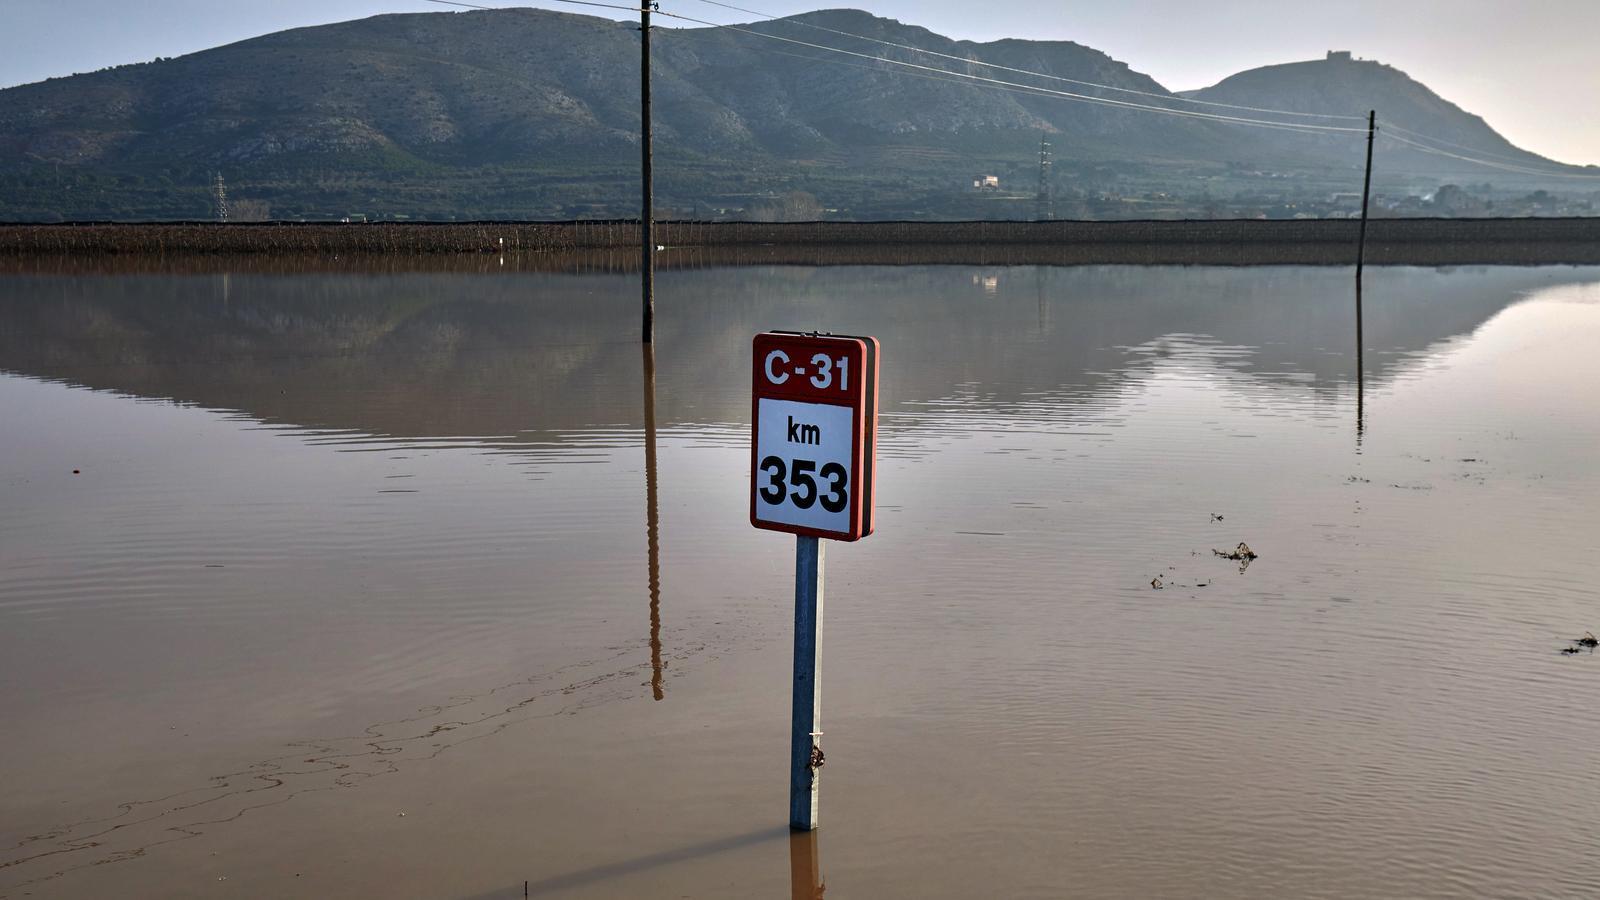 Carretera C-31 de Verges cap a Torroella de Montgrí